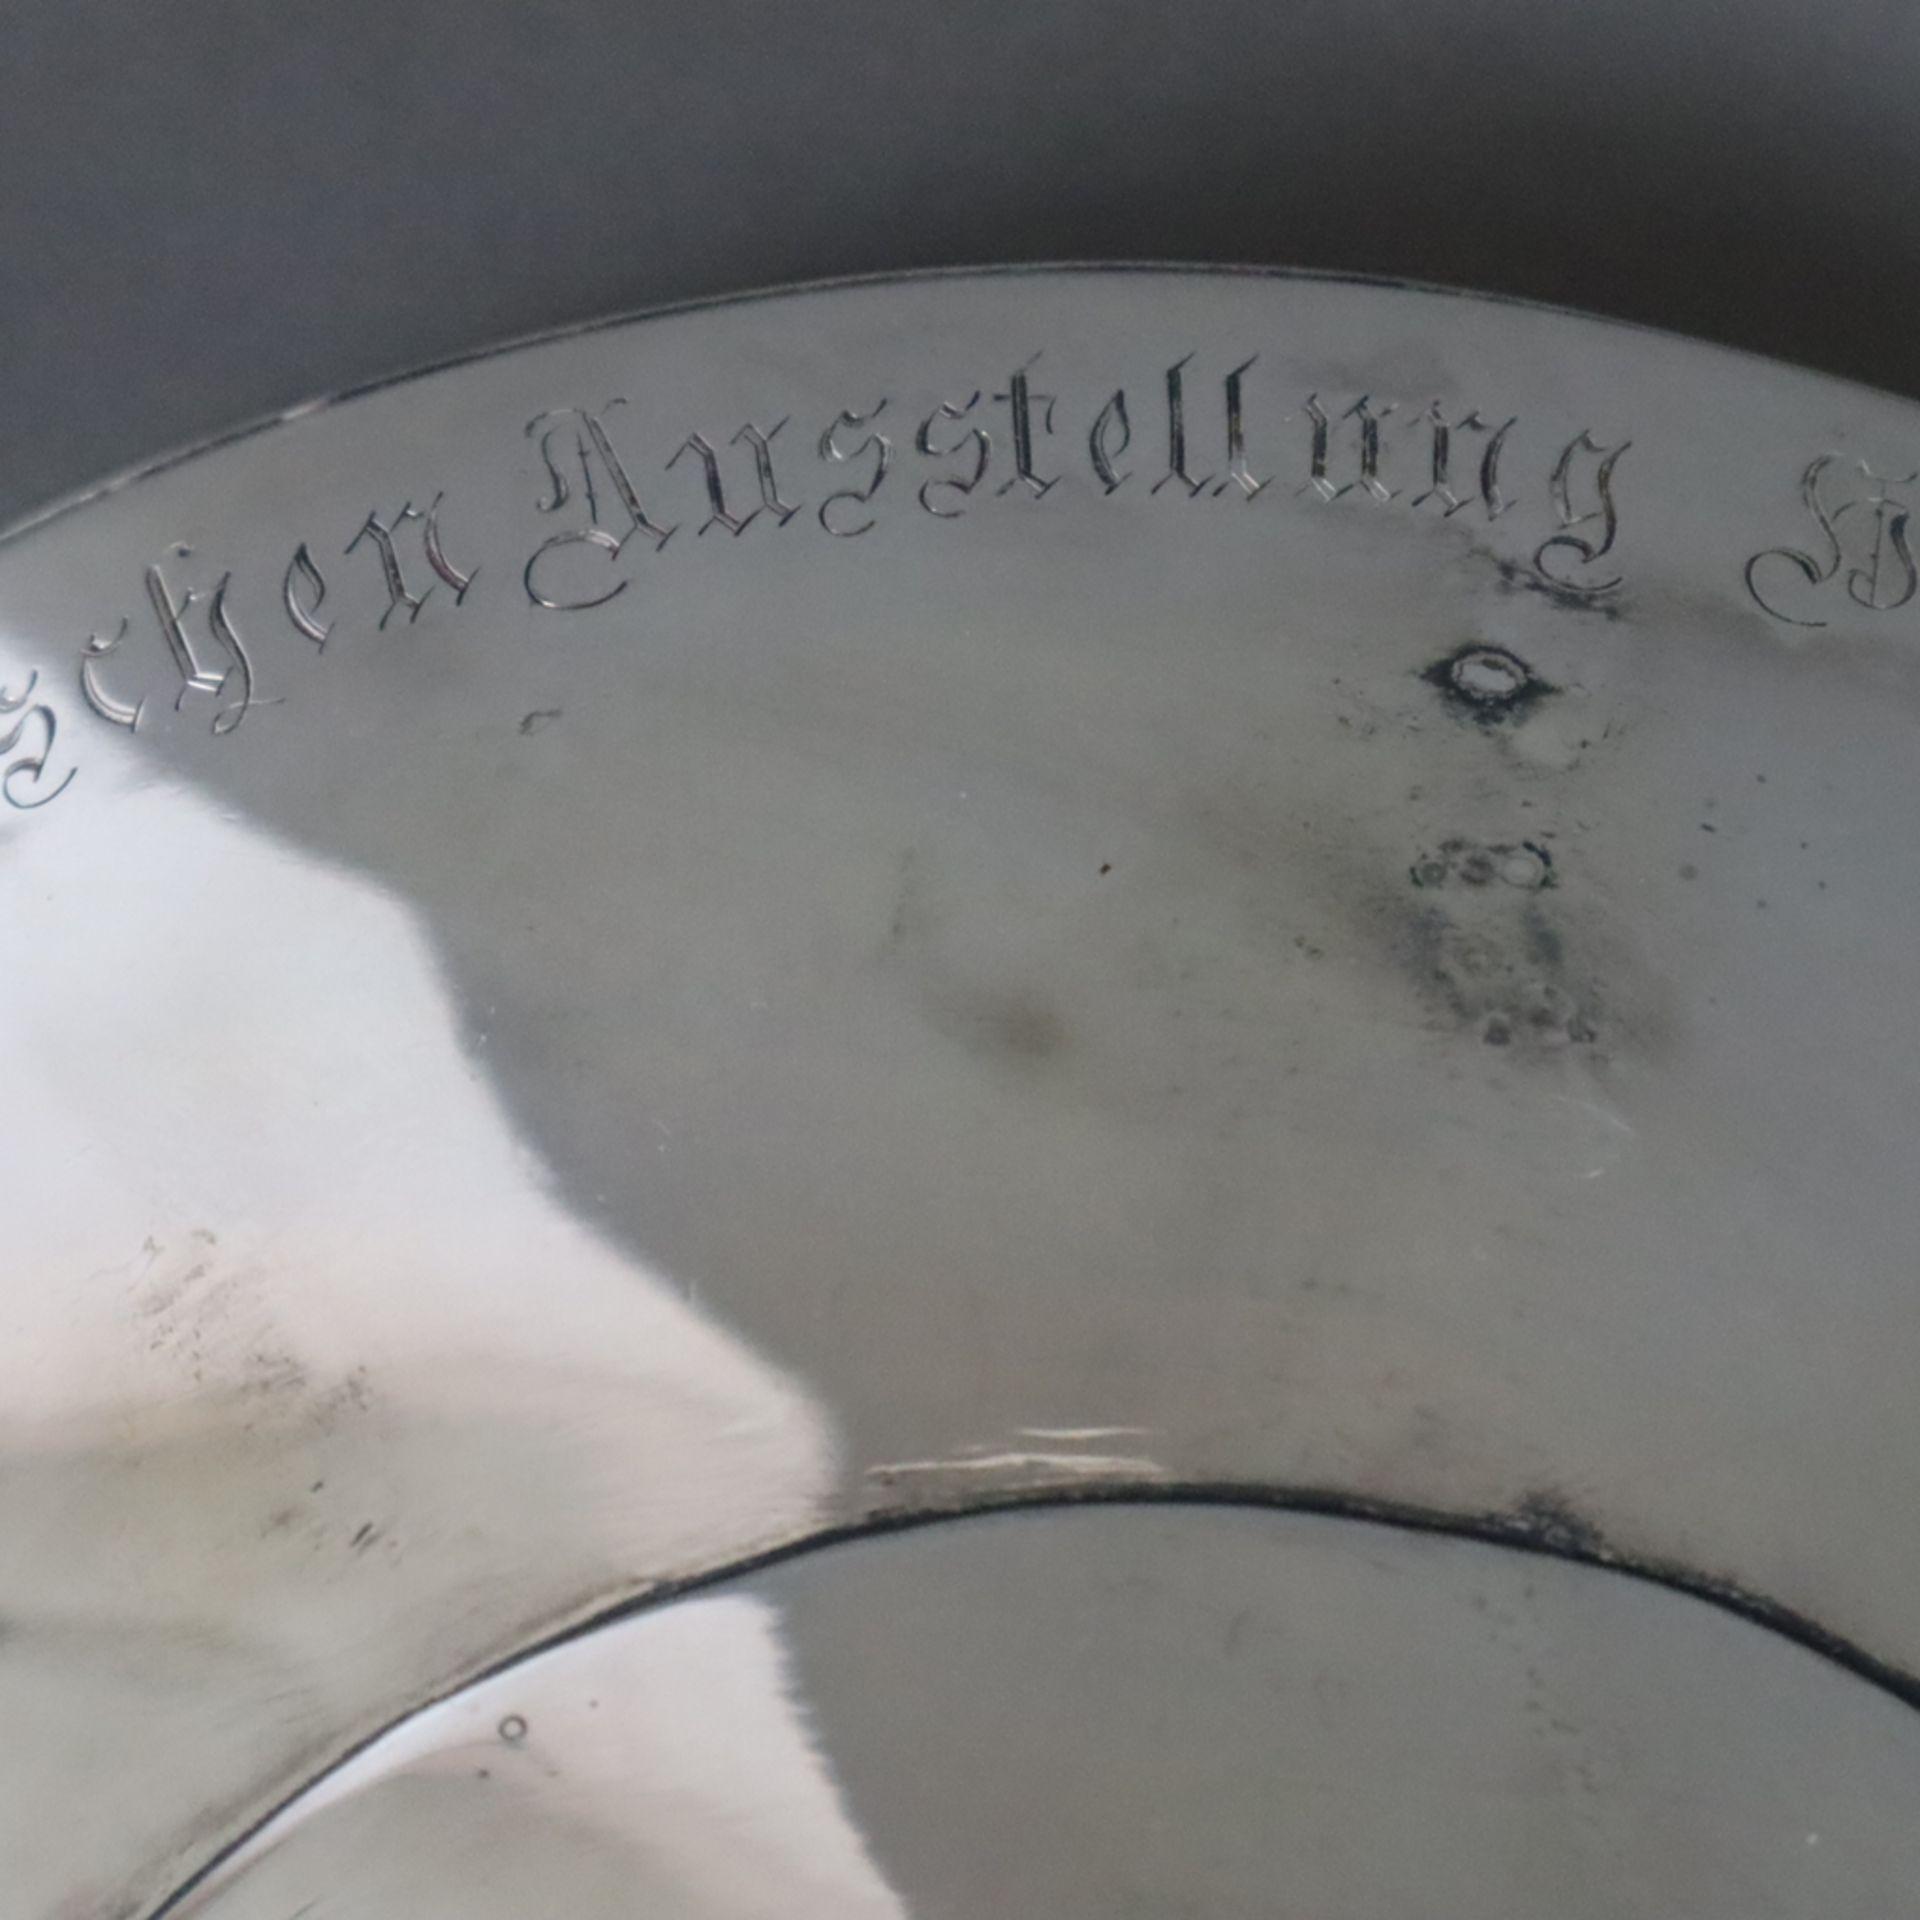 """Silber-Tafelaufsatz -deutsch, datiert 1912, umlaufende Stiftungsinschrift """"Zur Allgemeinen Deutsche - Image 9 of 12"""